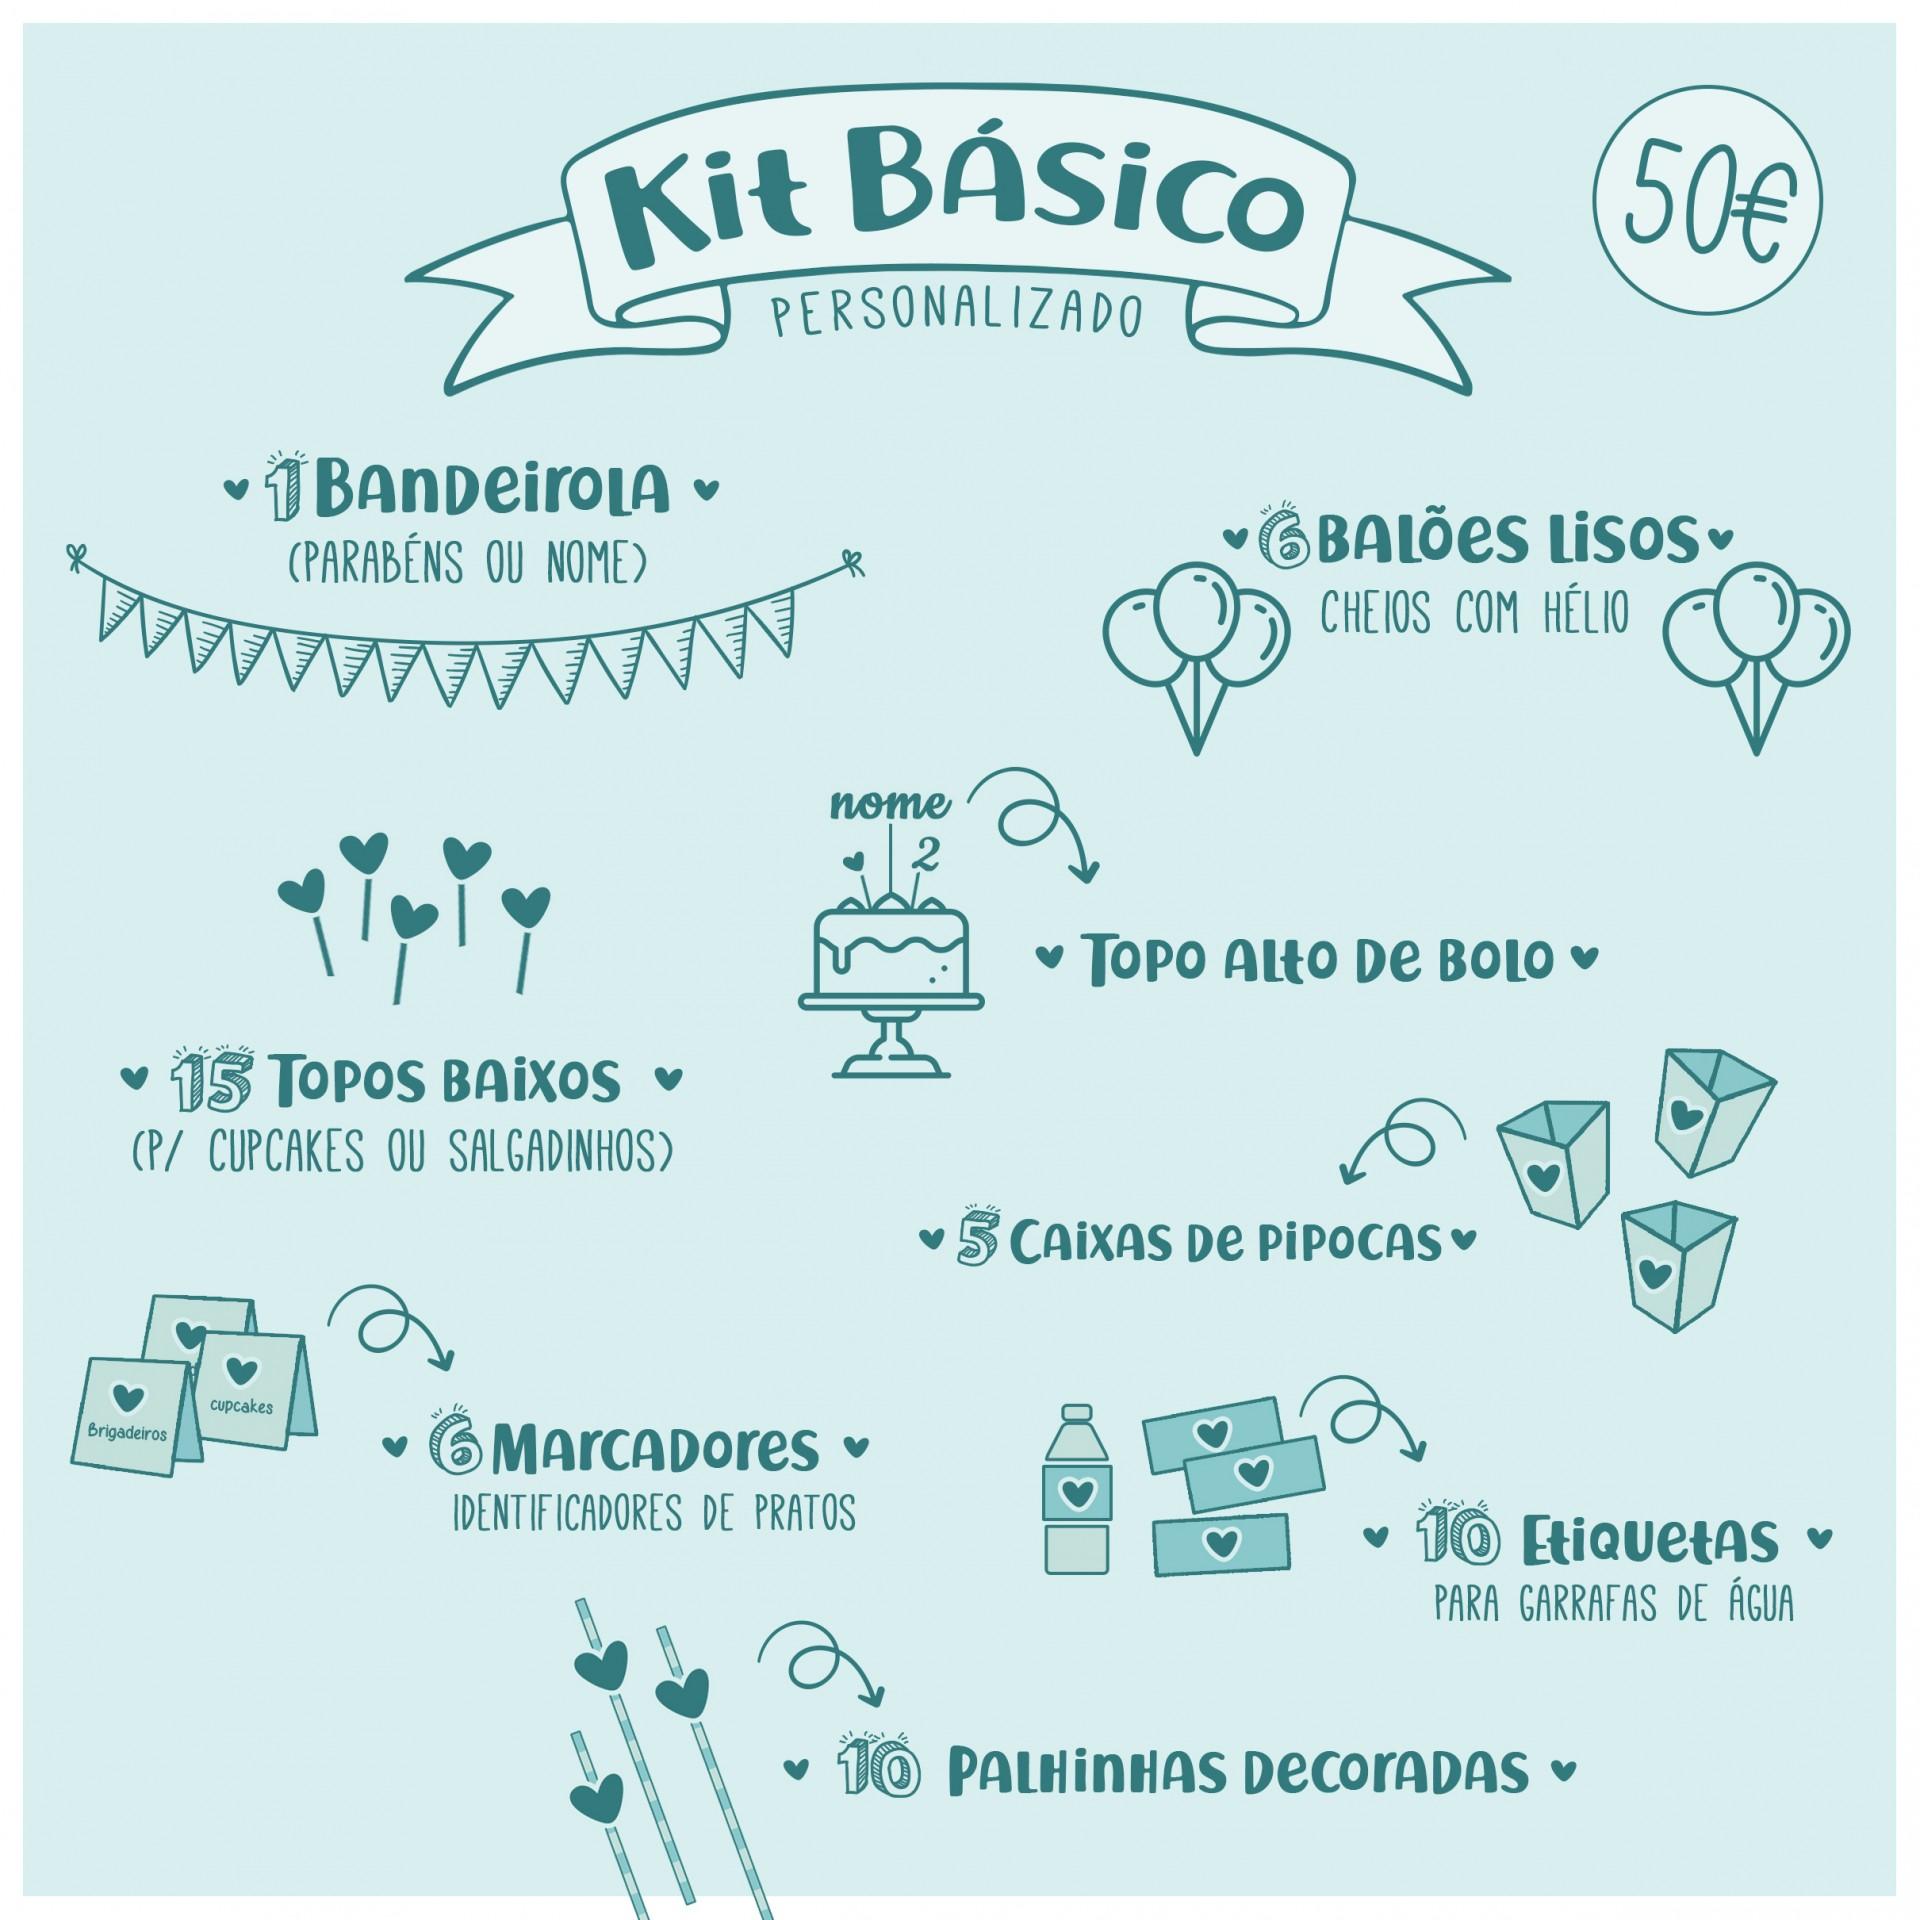 Kit de Festa Personalizado - KIT BÁSICO